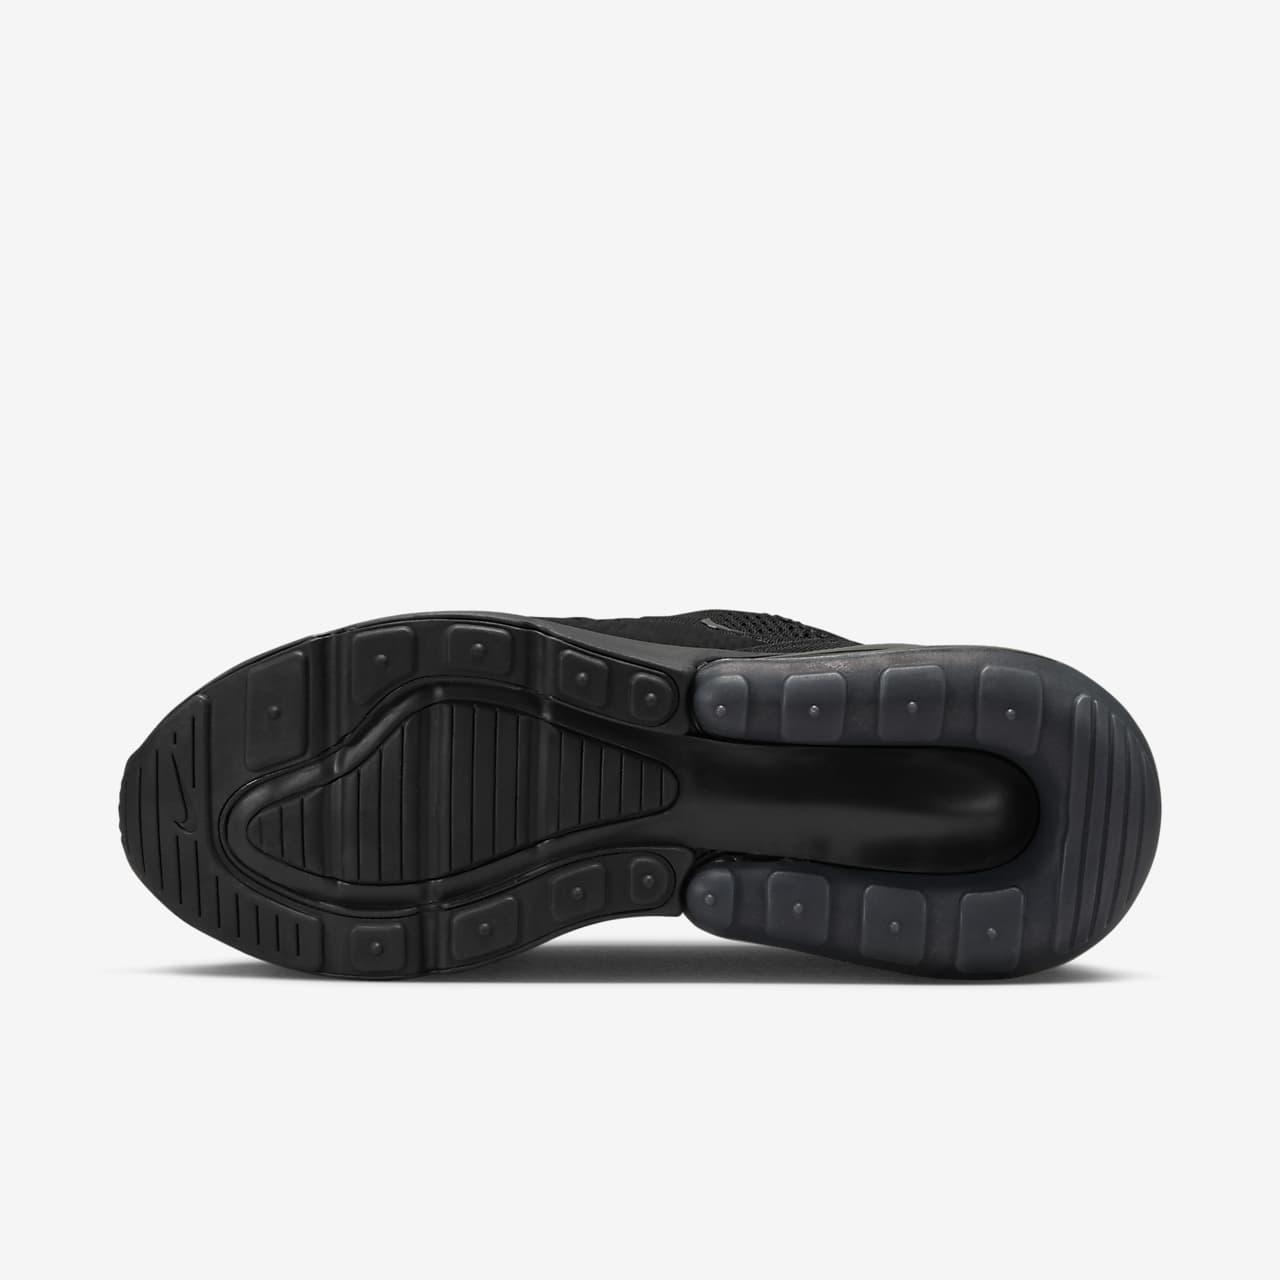 Nike Air Max 270 damesko